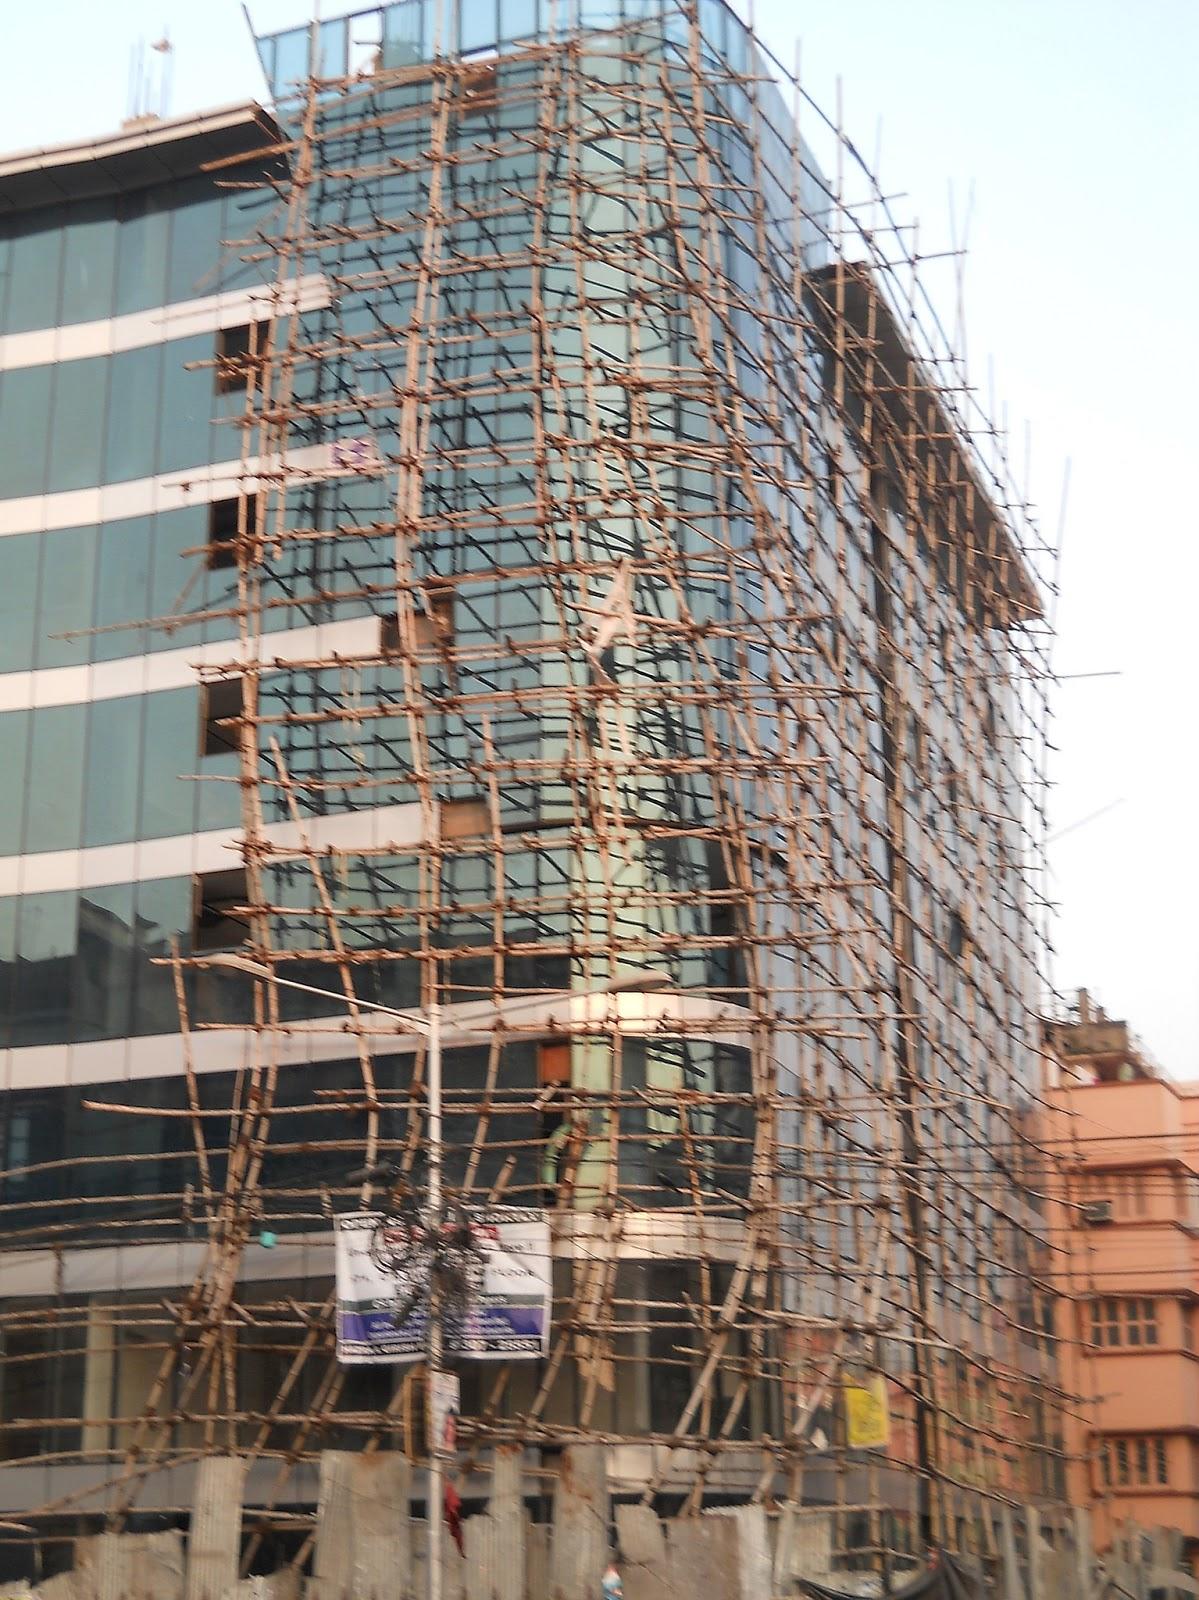 строительные леса из бамбука в Индии